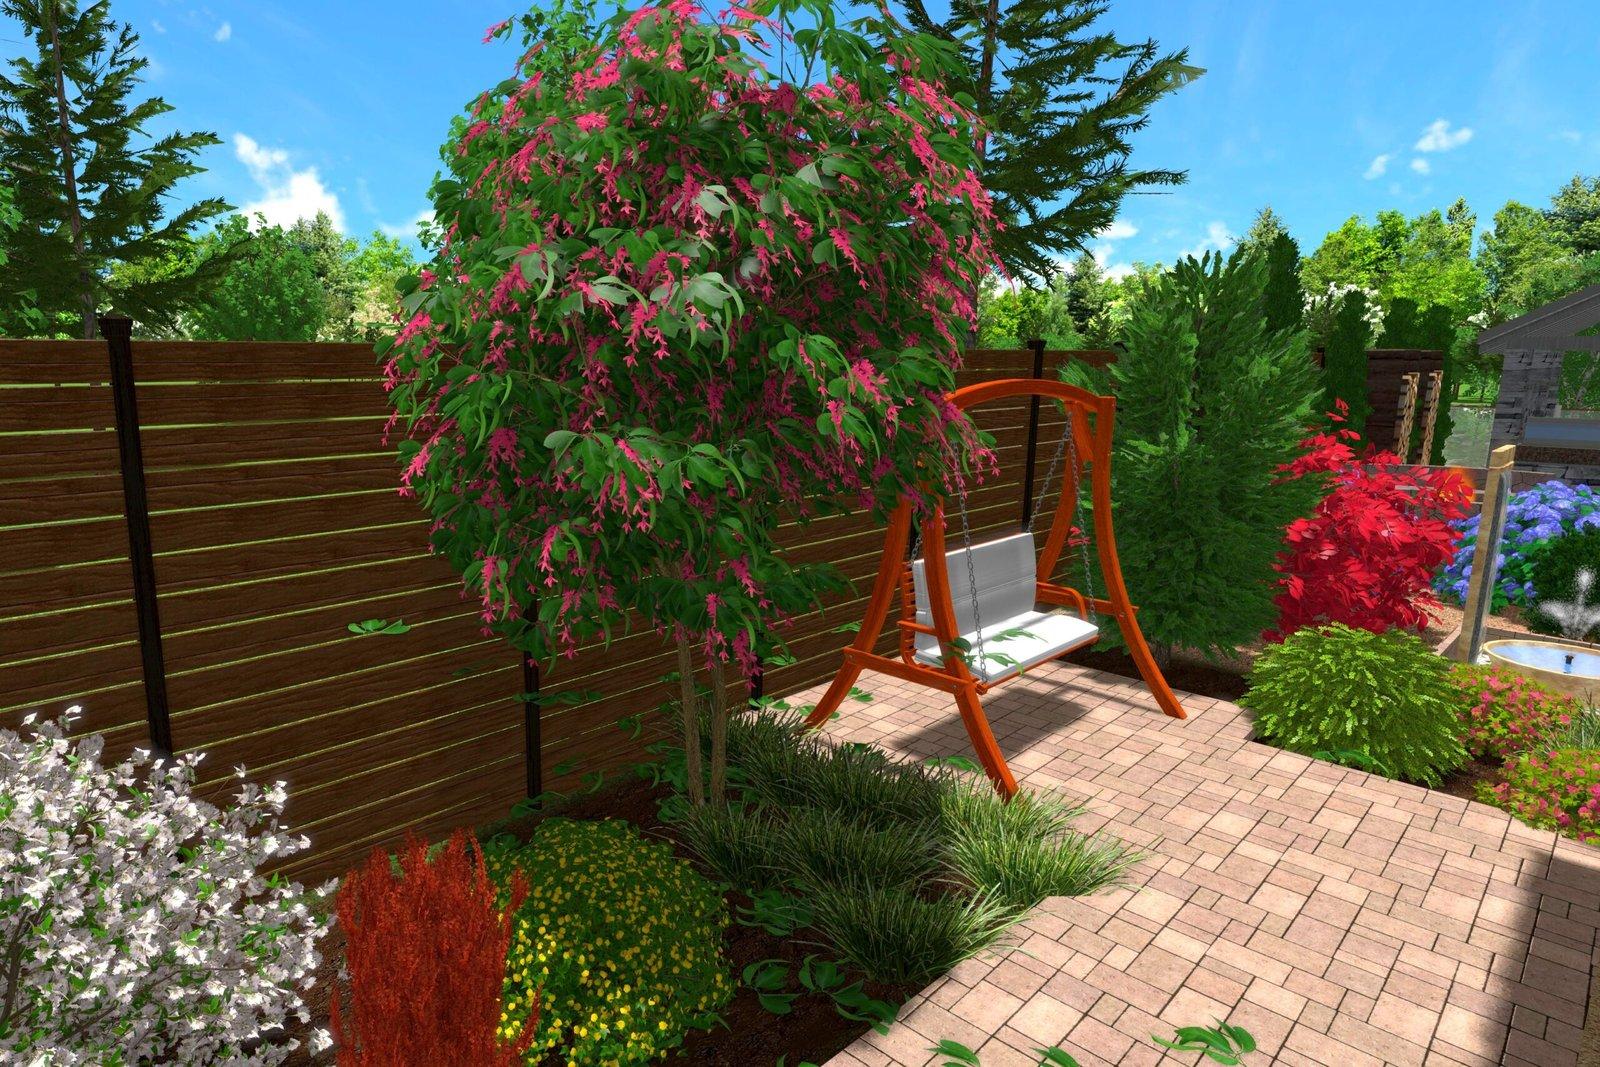 как сделать ландшафтный дизайн более ярким, многоцветные клумбы с растениями, Декоративные элементы на территории приусадебного у